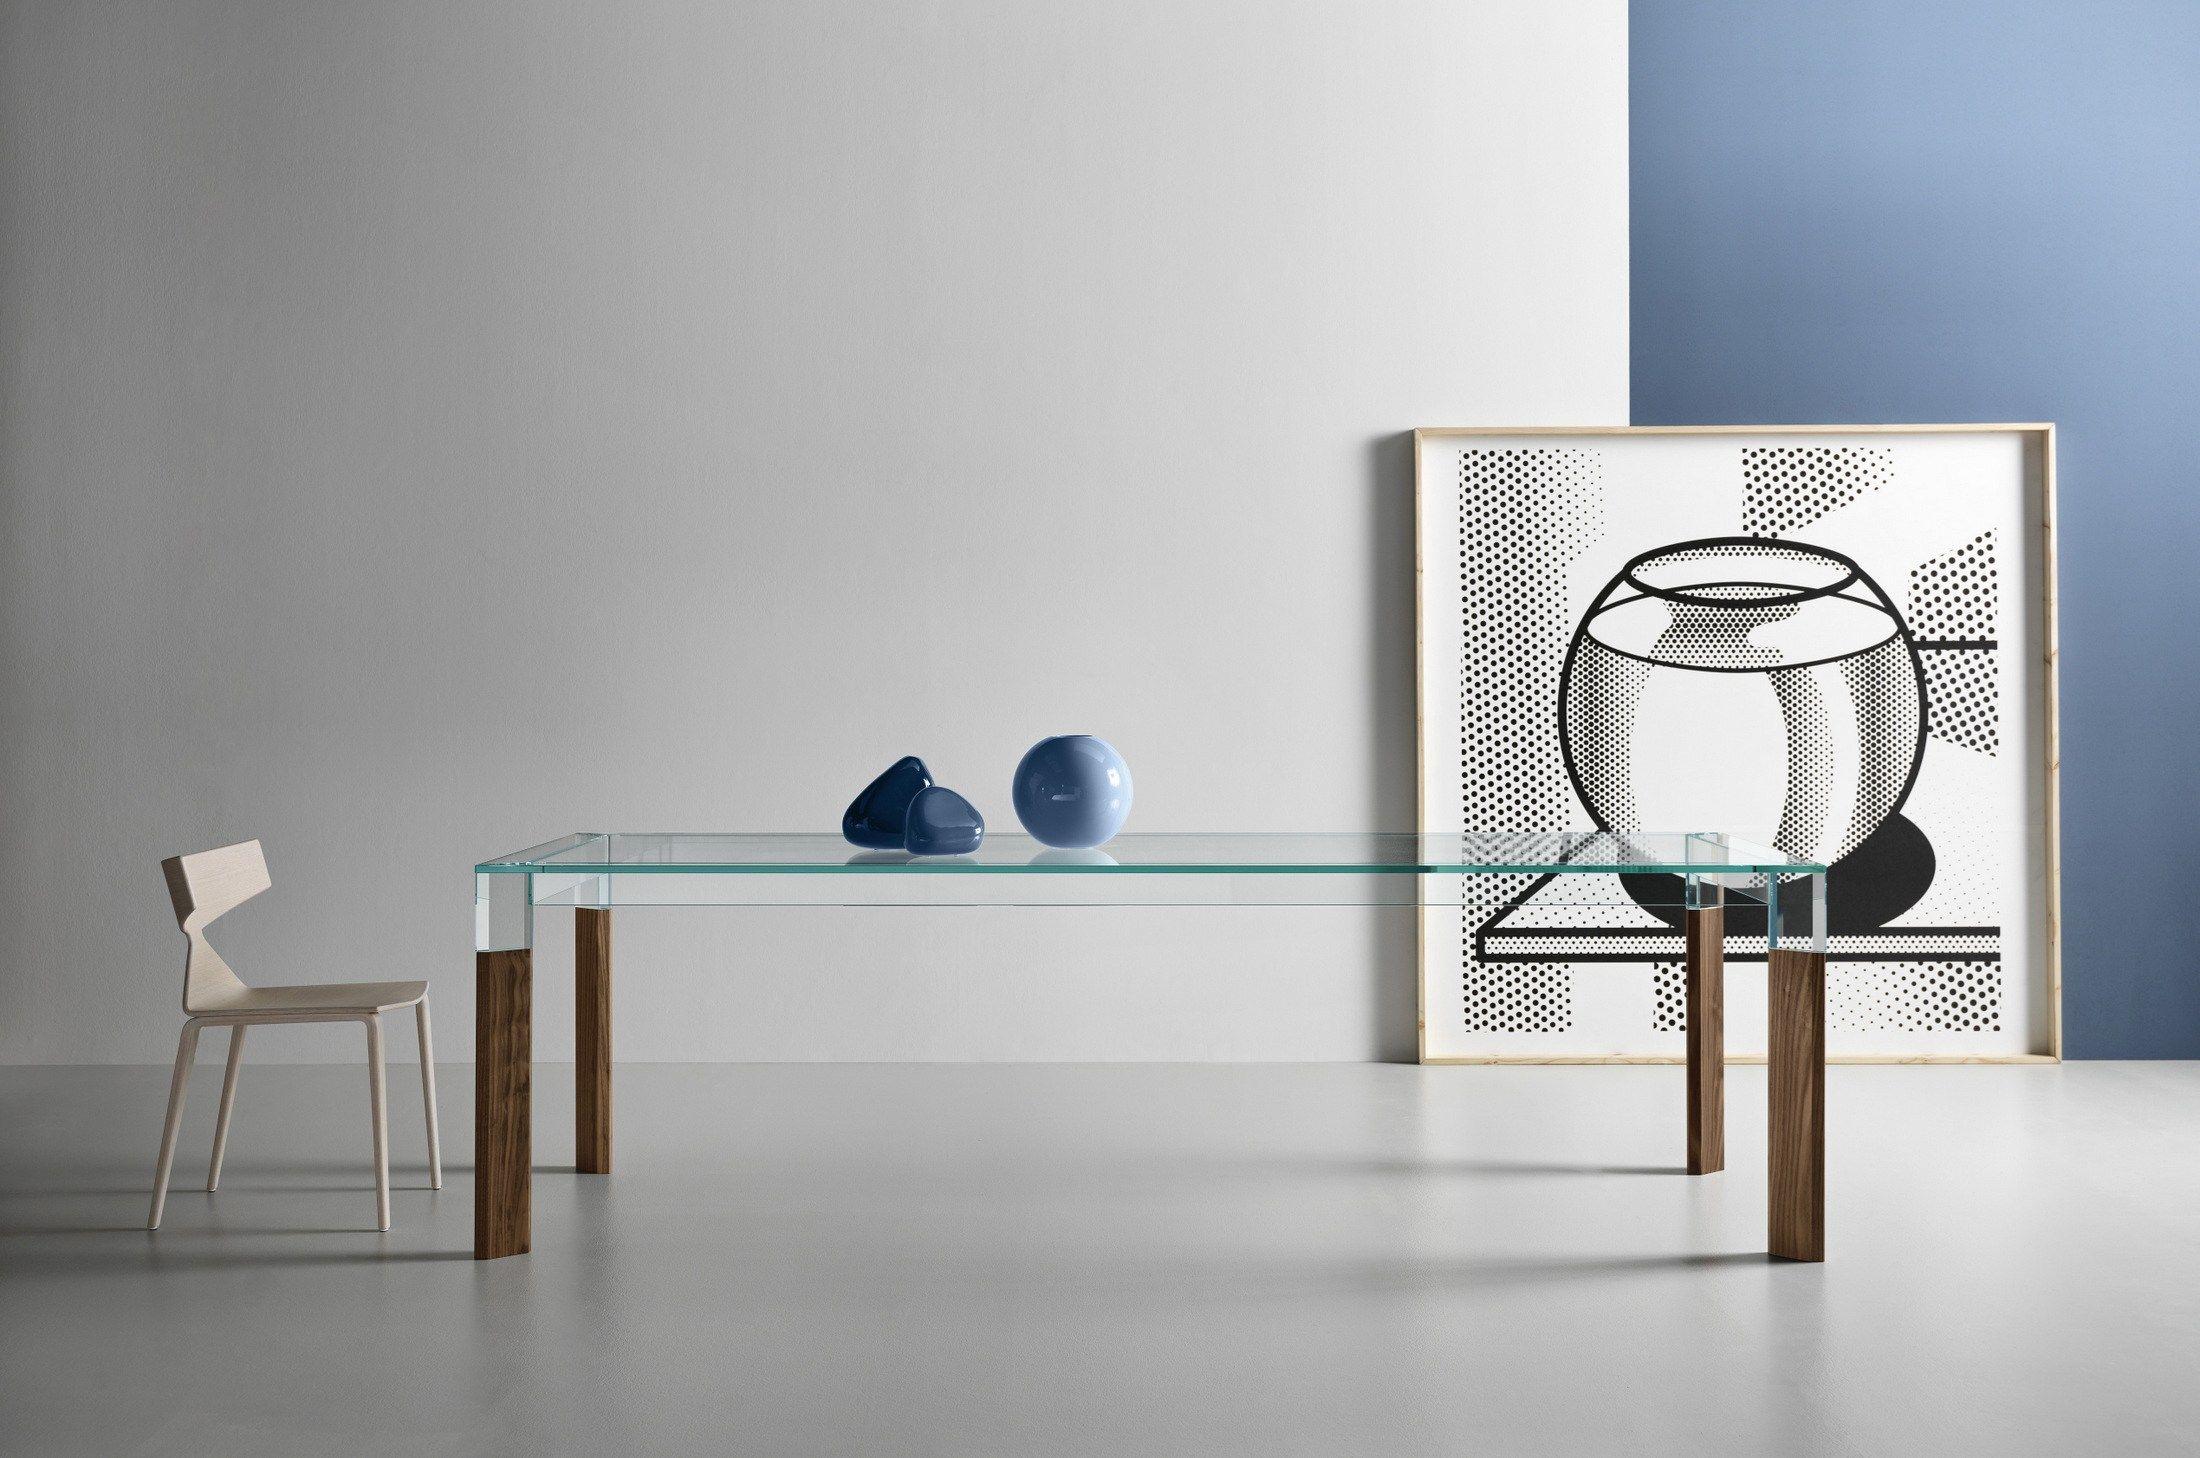 Tavoli Alti Legno : Tavolo da pranzo rettangolare in legno e vetro perseo by t d